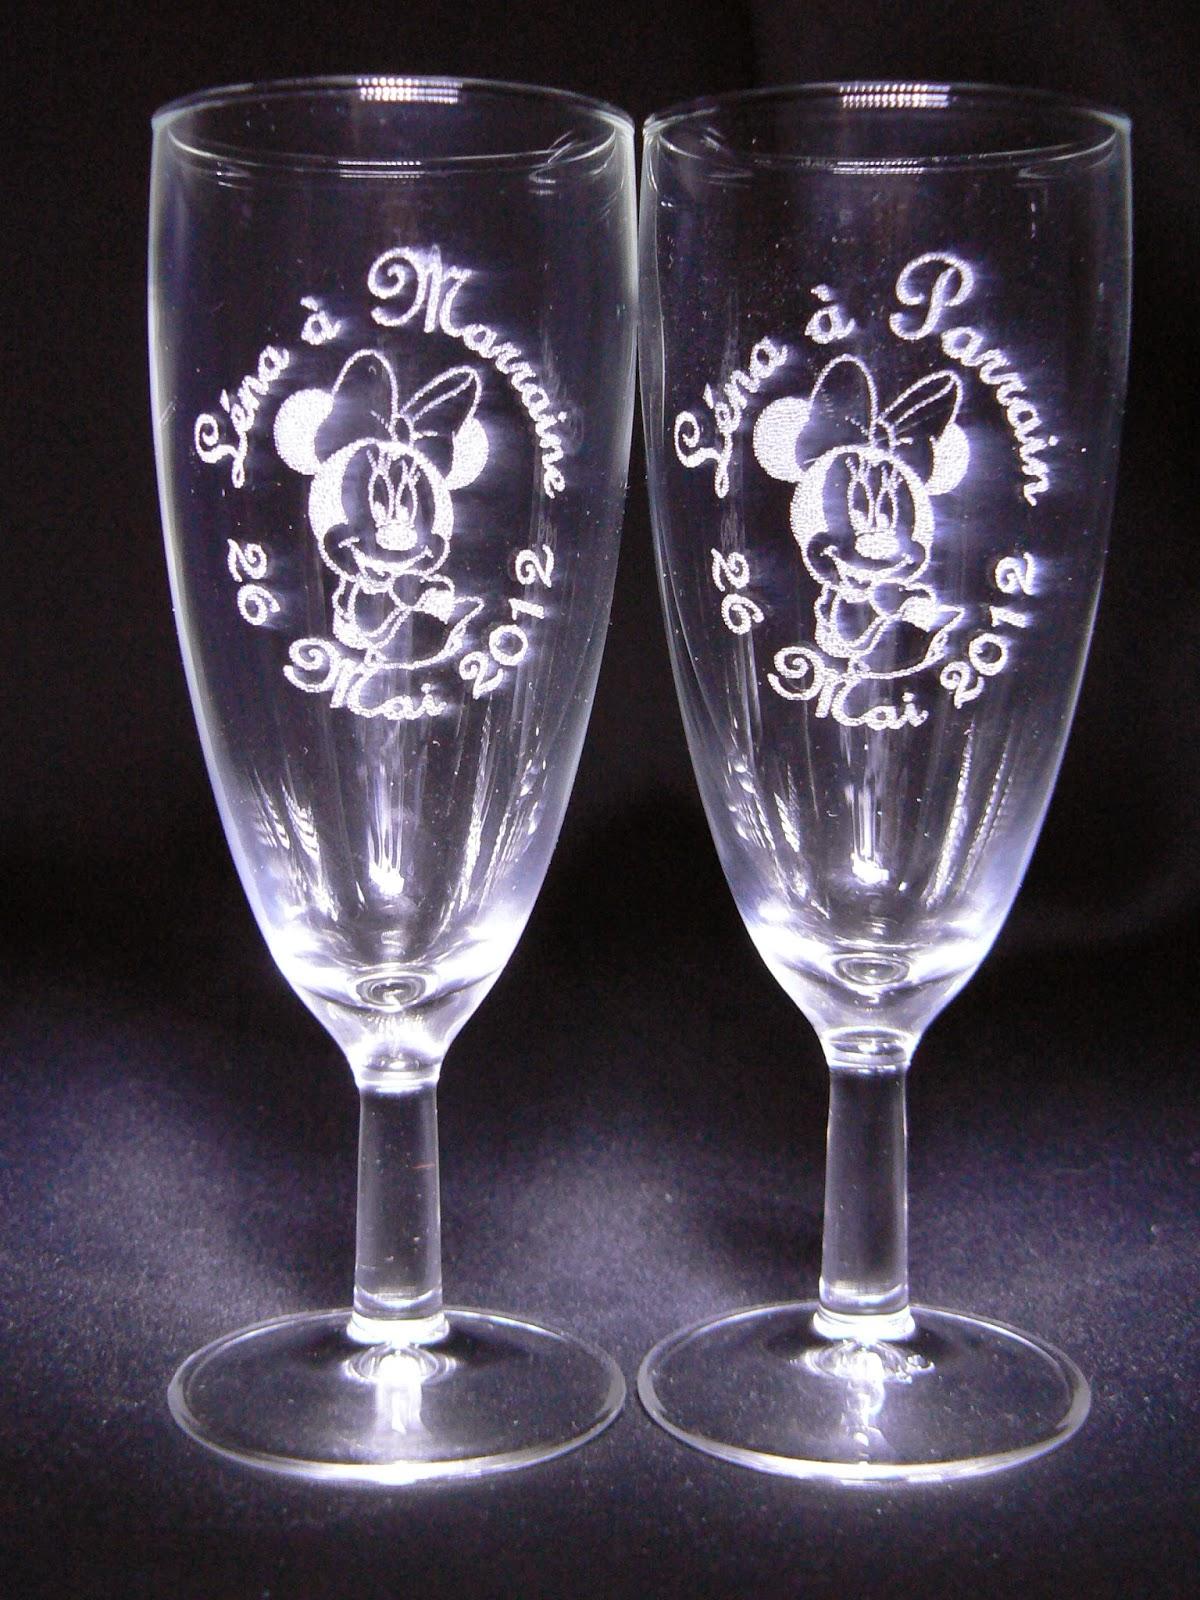 la gravure sur verre pour mariage baptme ds 1 verres gravs personnaliss par le dcor de votre choix gravure prnom cadeau personnalis pour un - Gravure Sur Verre Mariage Bapteme